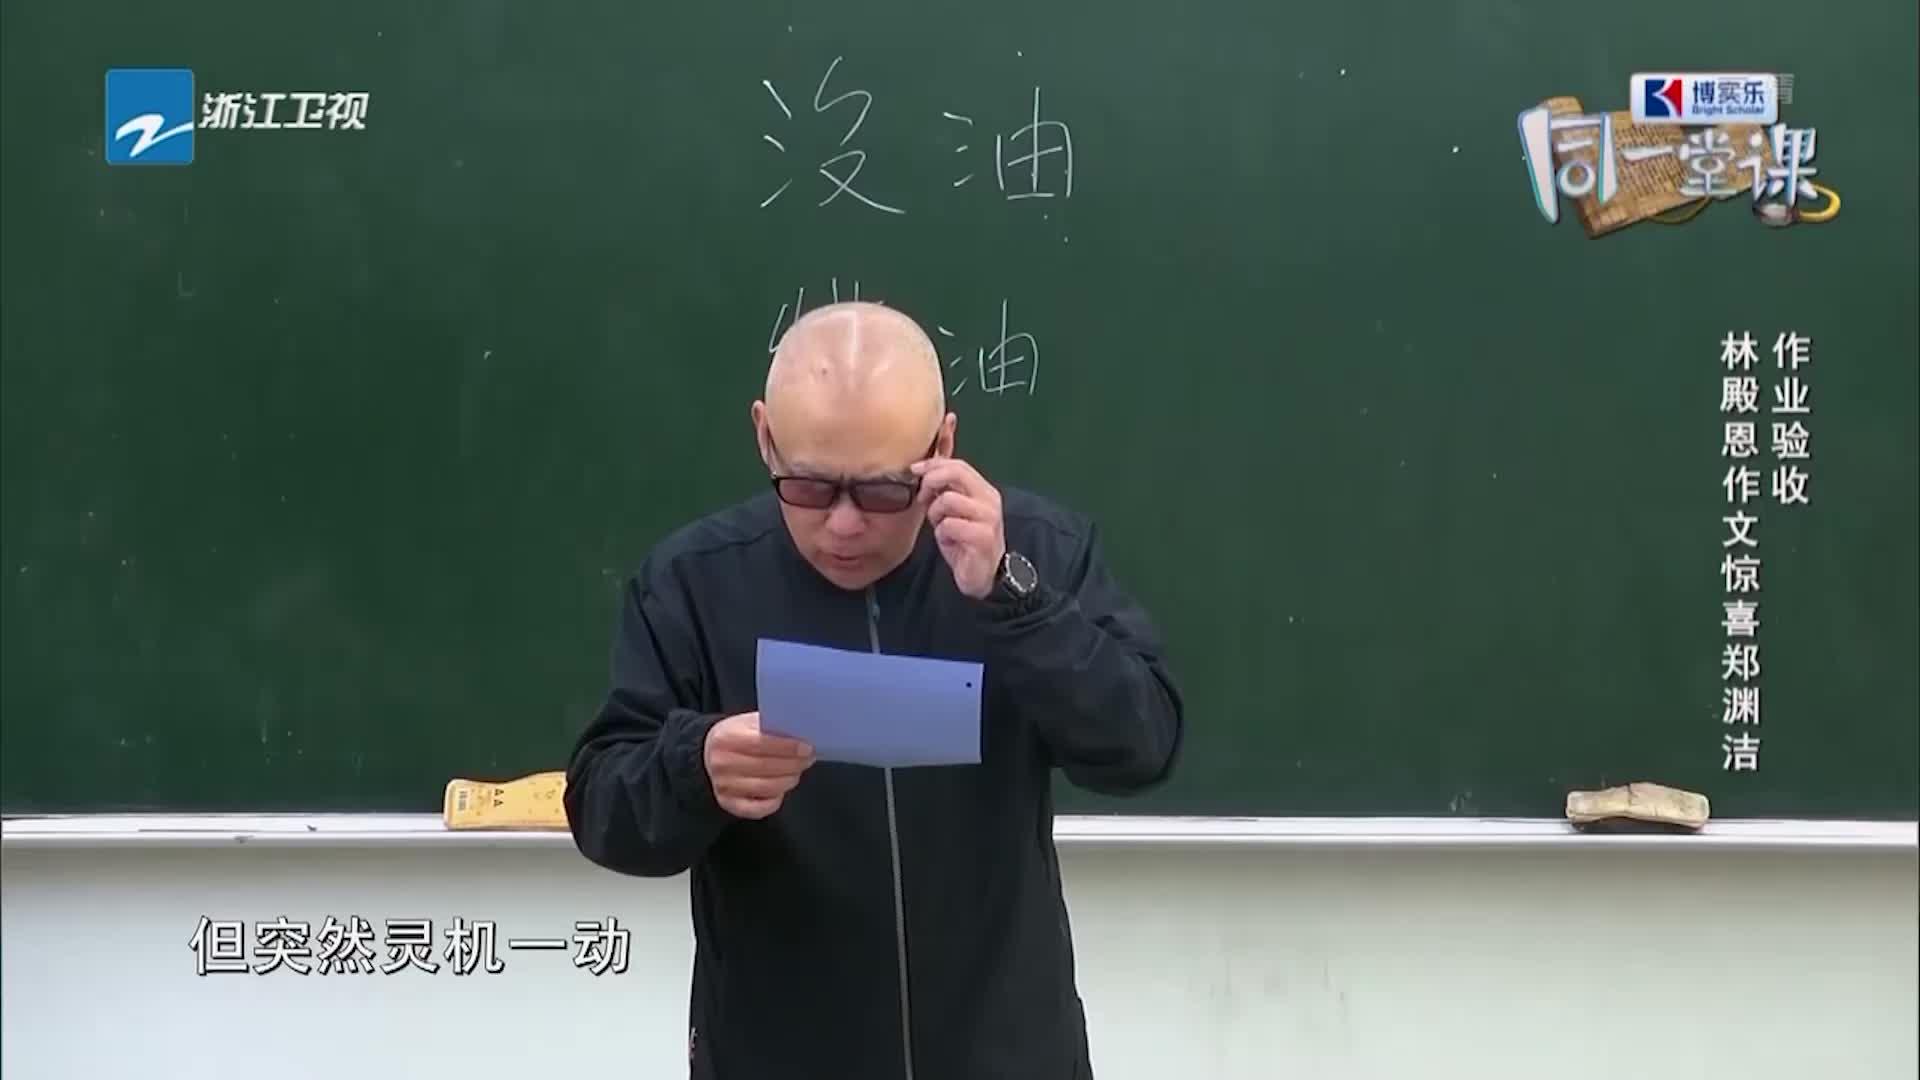 同一堂课:郑渊洁传授写文章技巧,孩子们一听就懂了,真会教